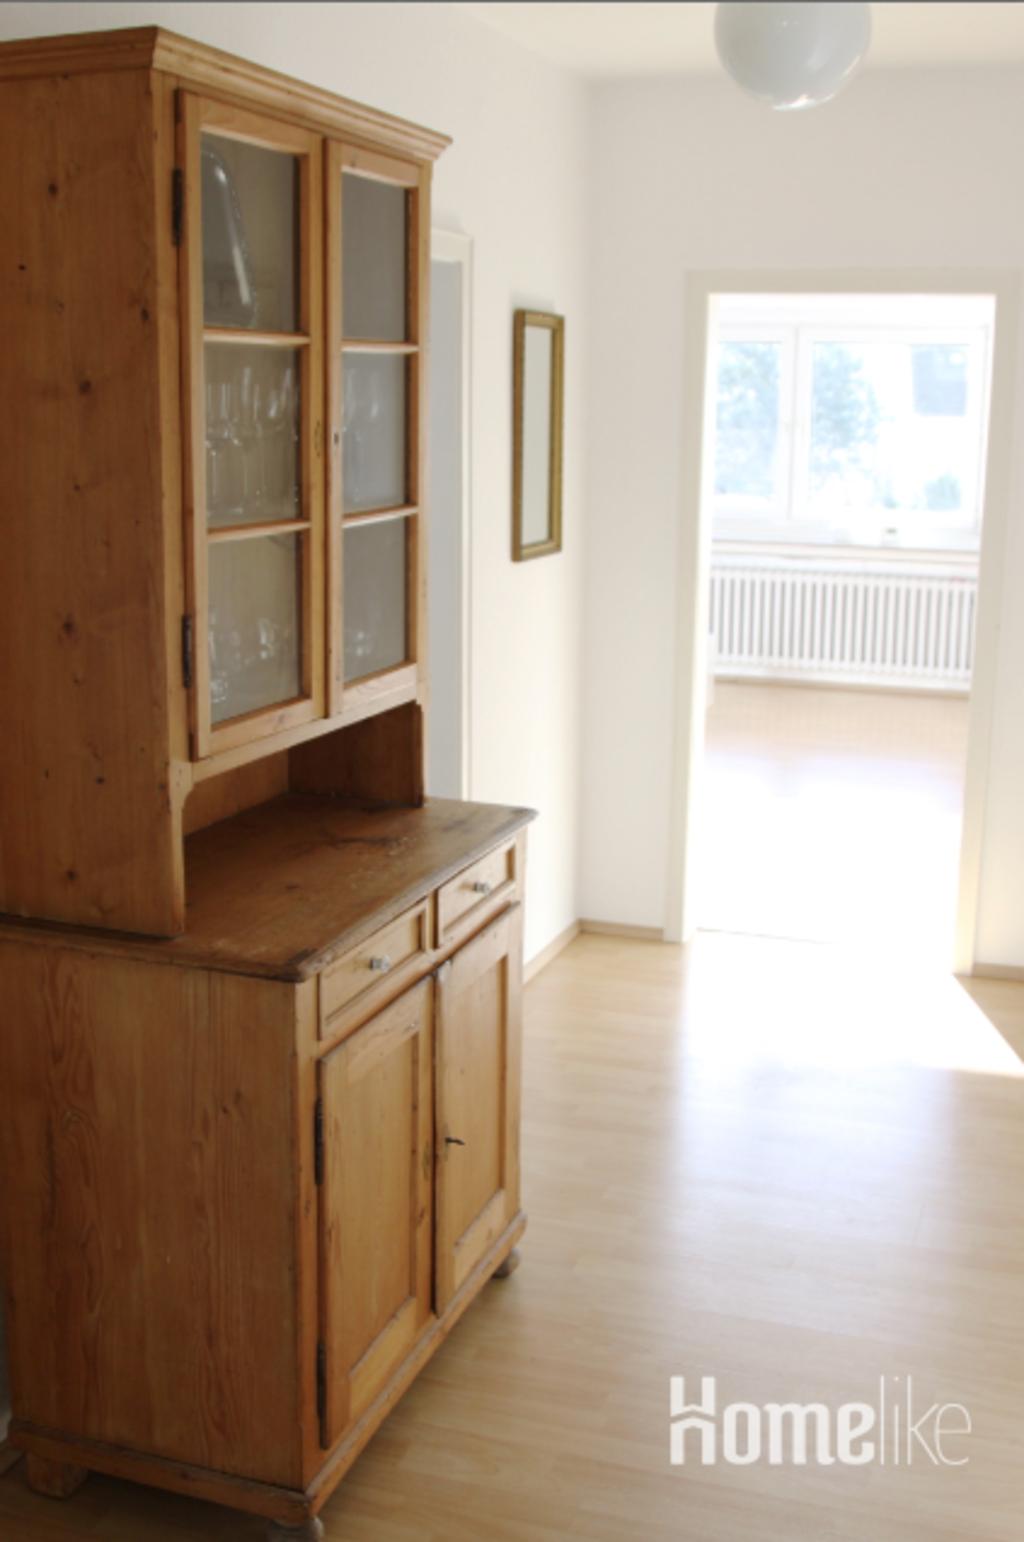 image 9 furnished 2 bedroom Apartment for rent in Bonn, Bonn